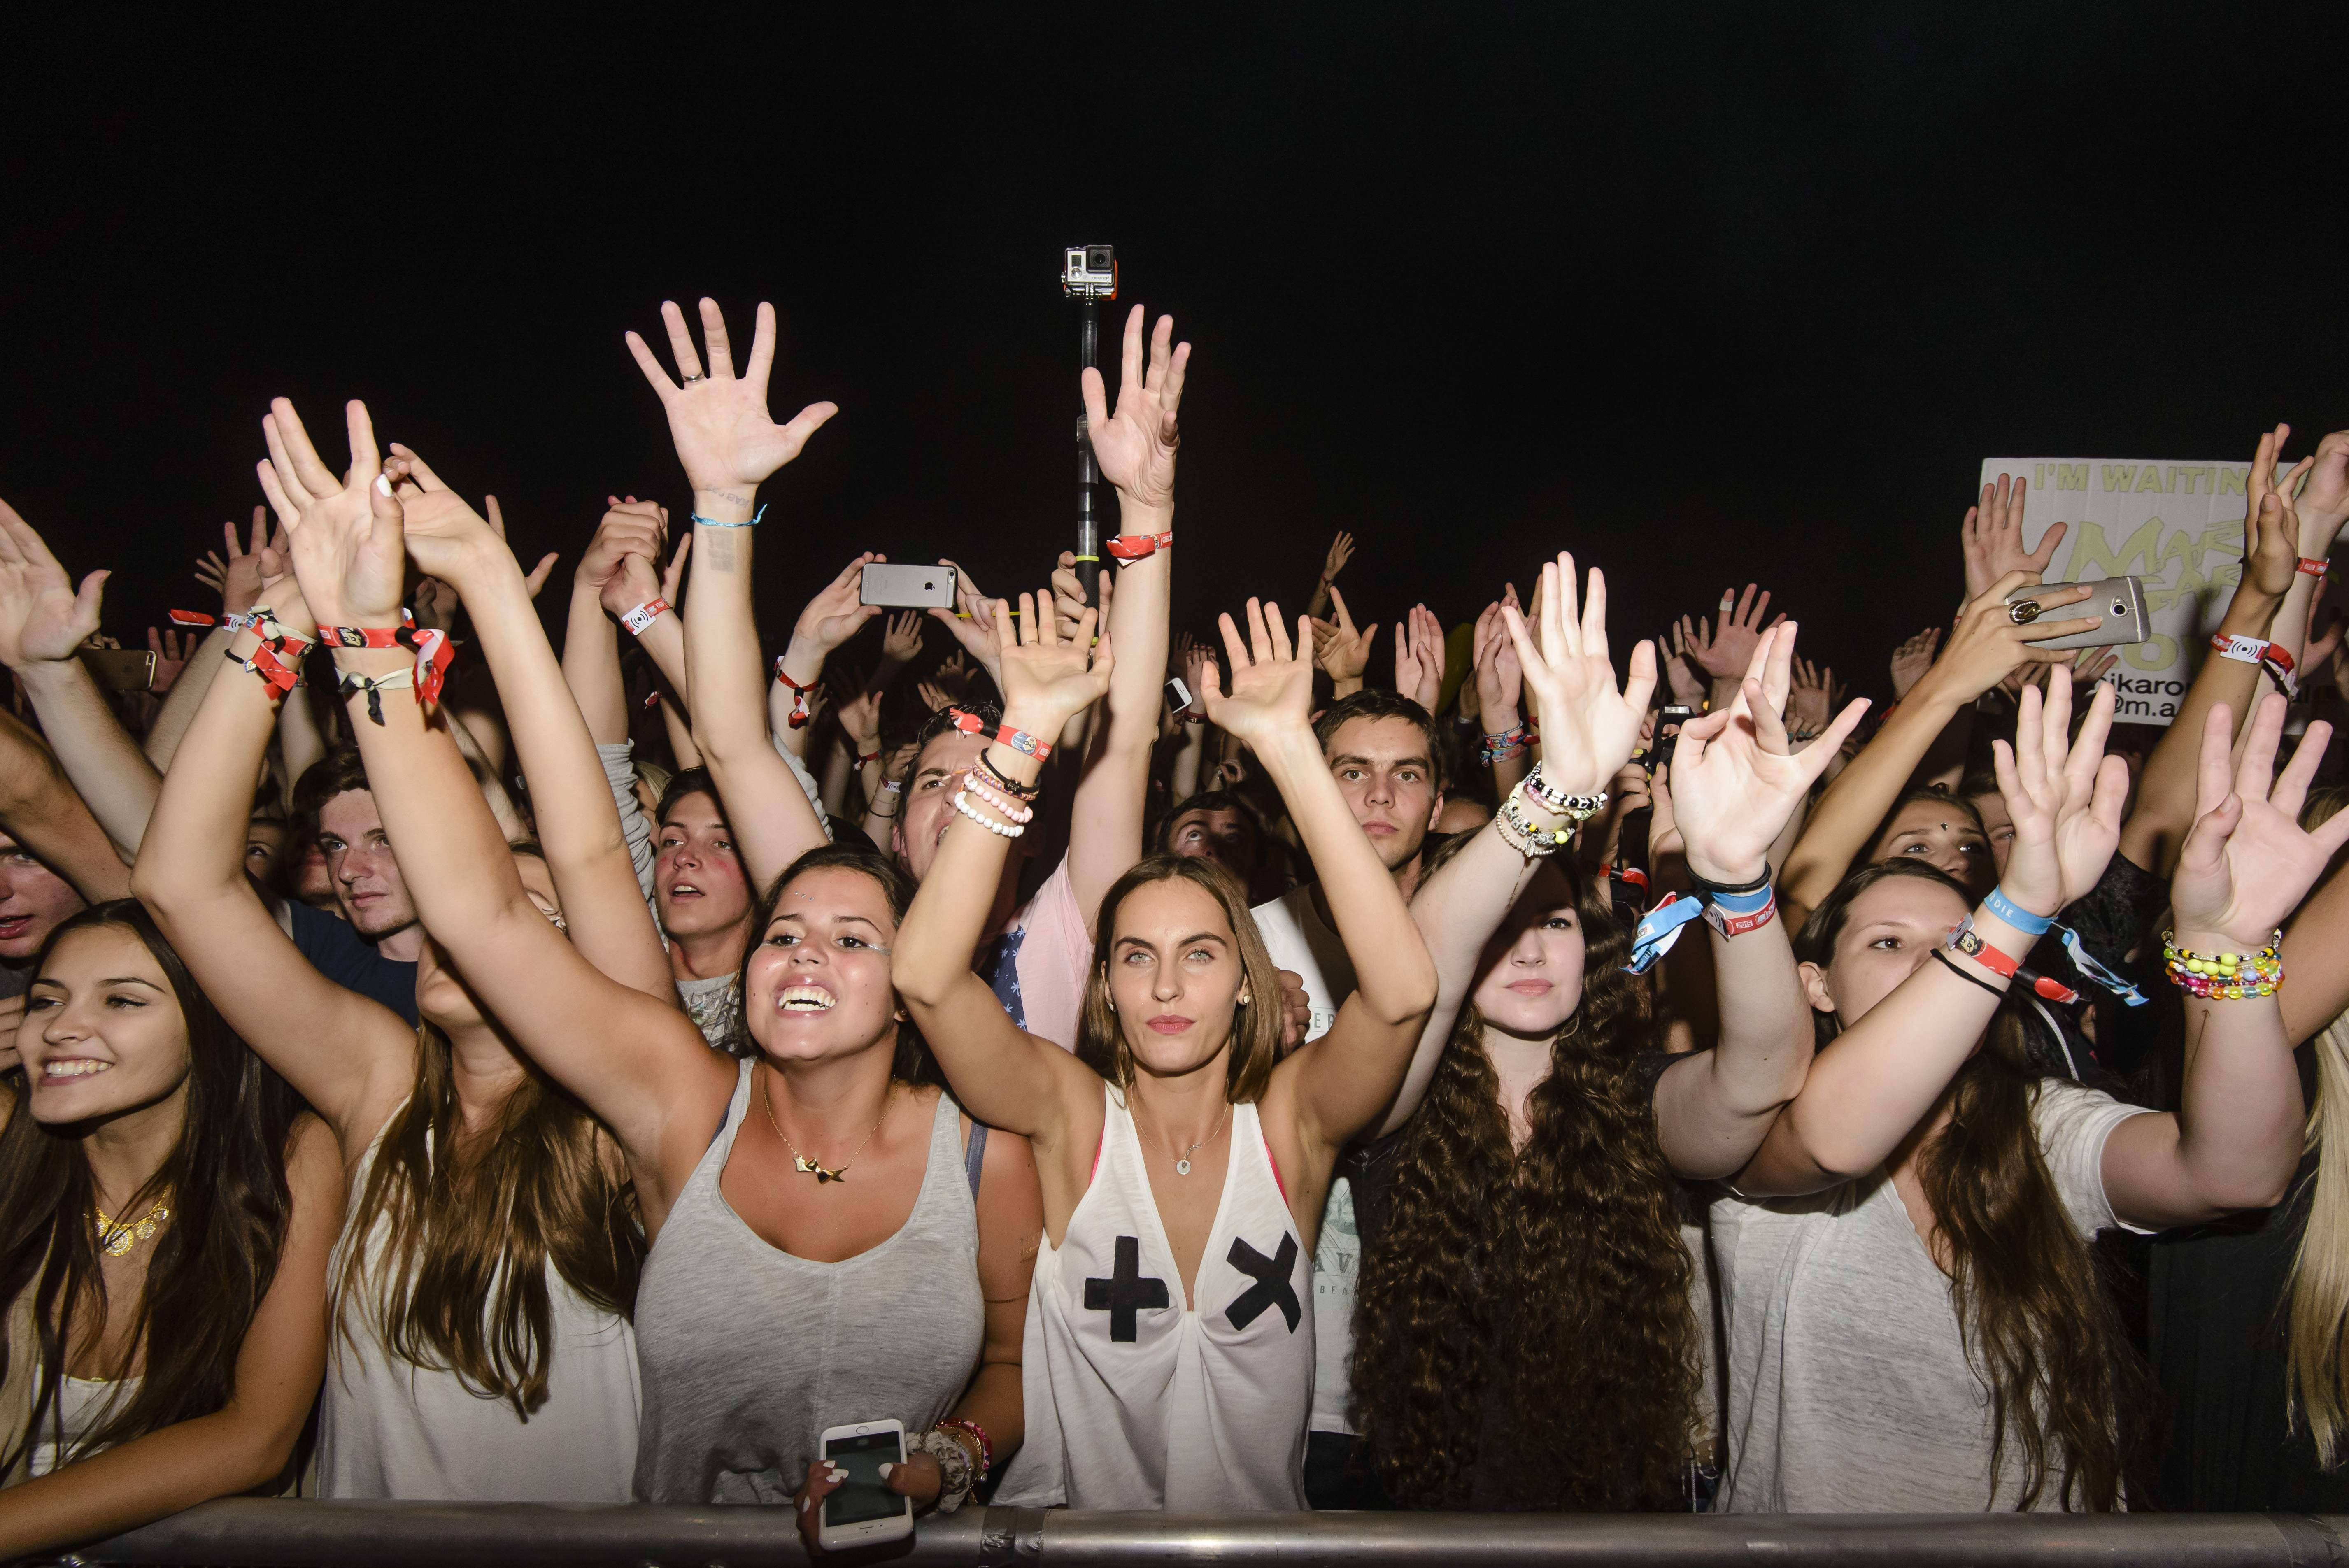 Fans beim Lollapalooza Festival in Berlin